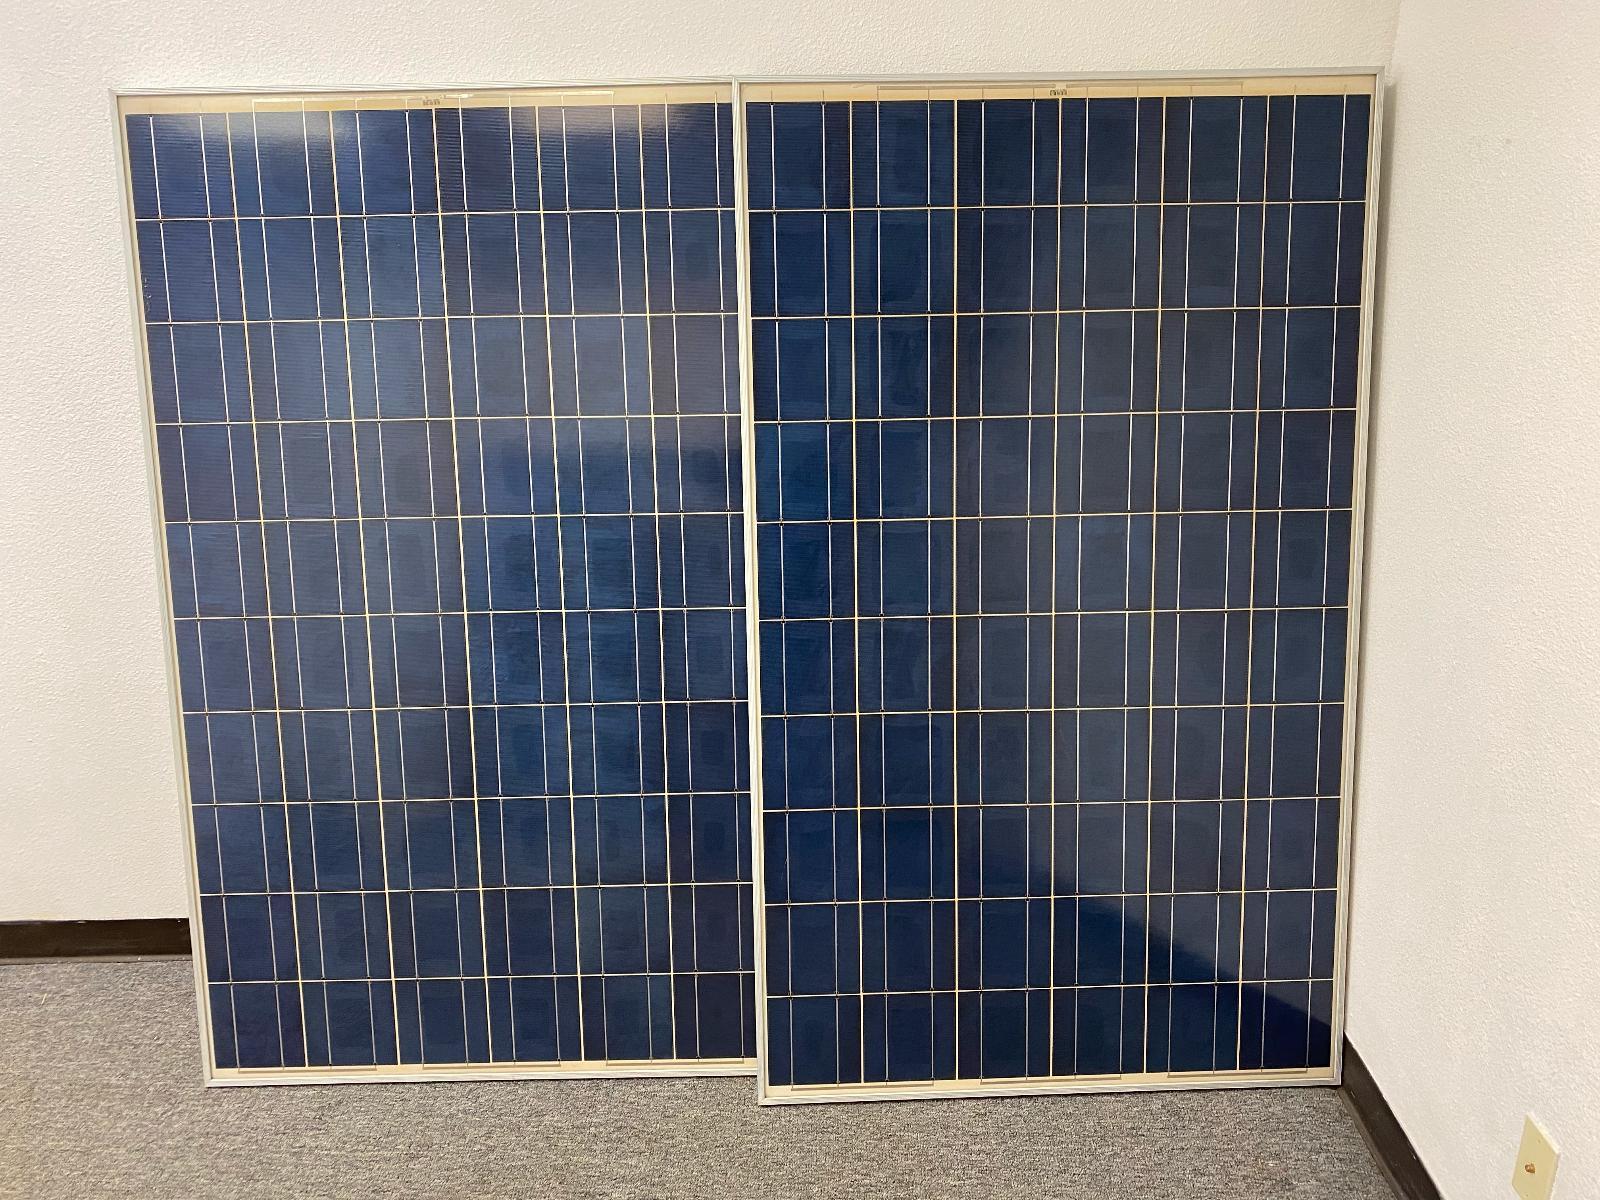 Yingli 230W Panels - Used (800 Modules)